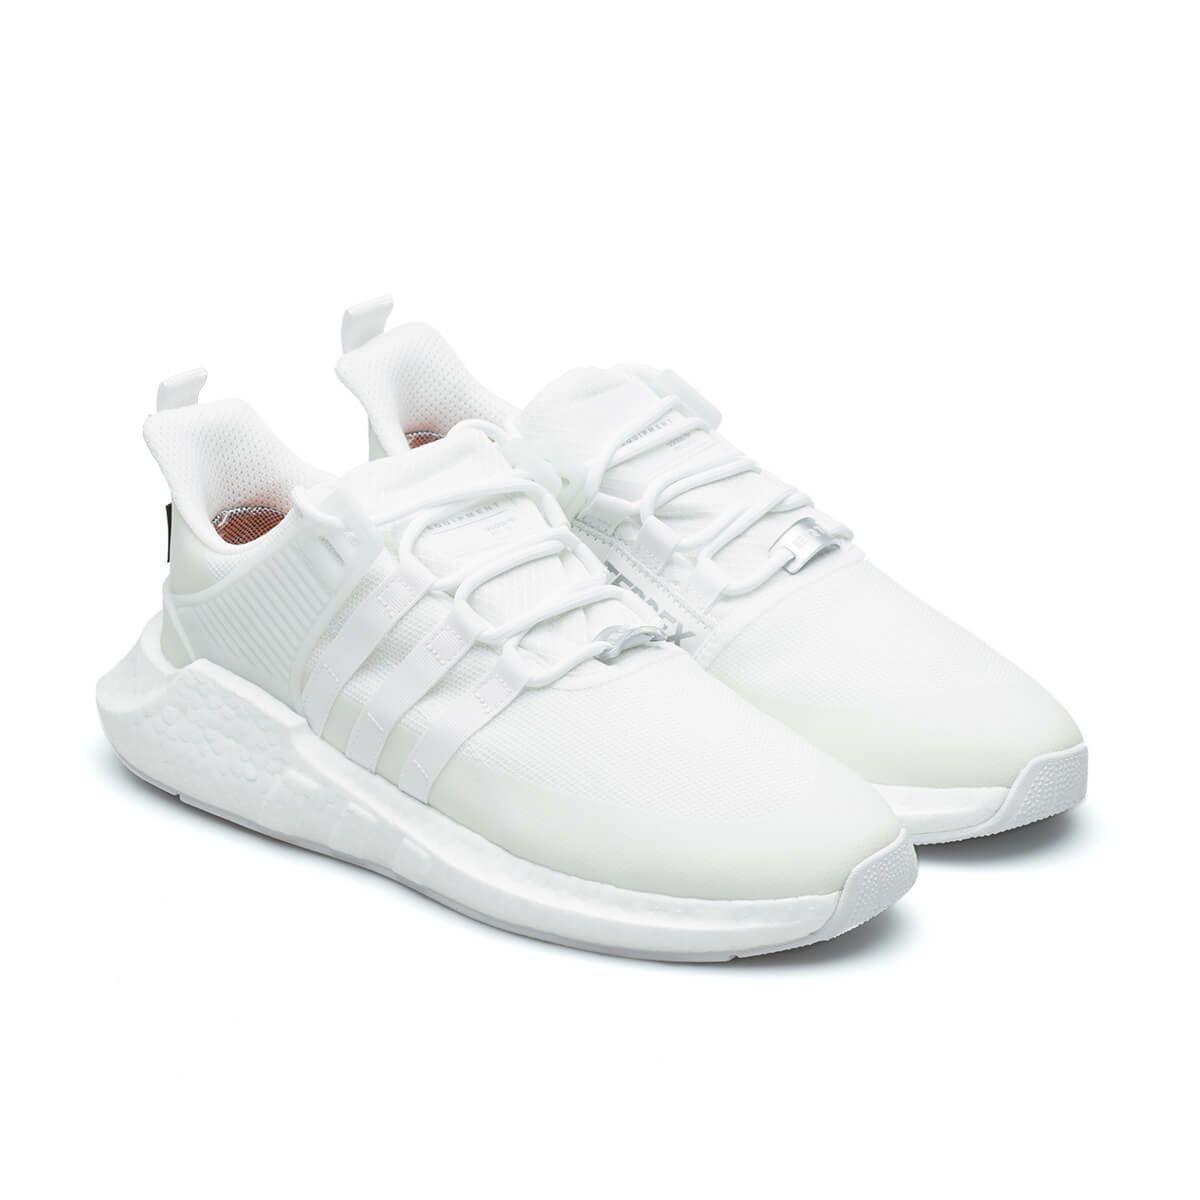 adidas eqt support 93/17 gtx